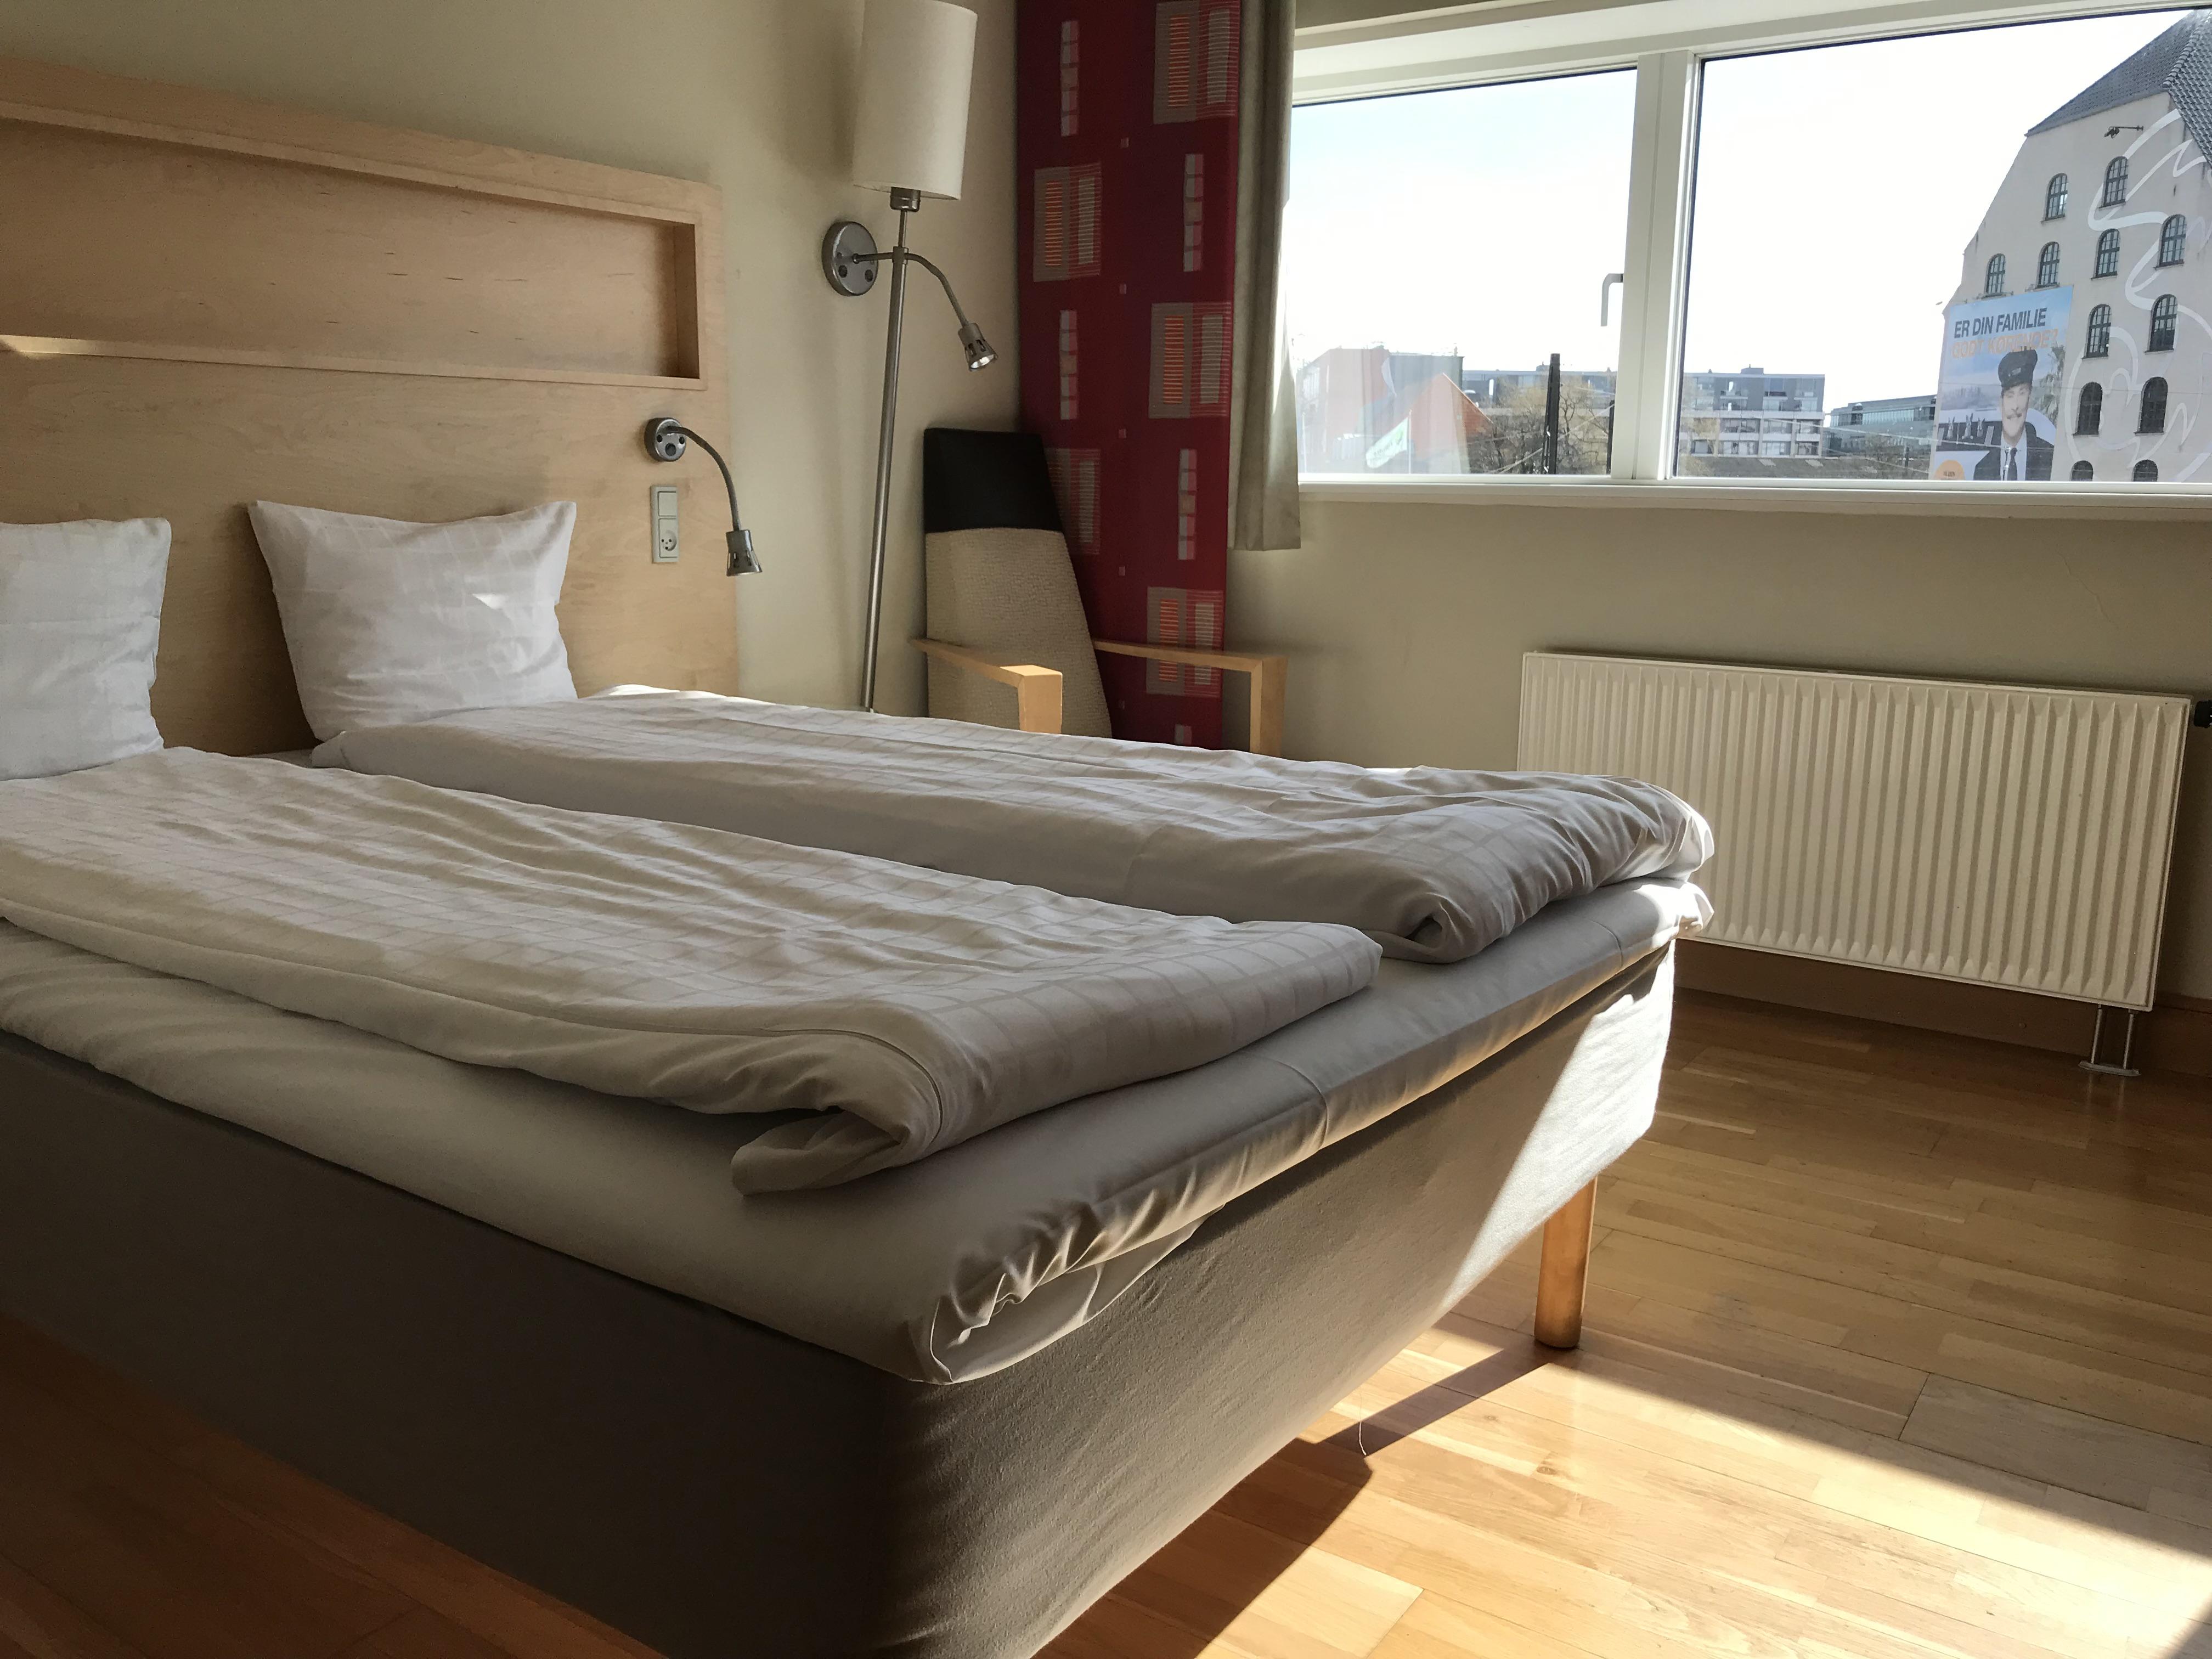 Standardværelse på Scandic Hotel Sydhavnen (Foto: Ole Kirchert Christensen)